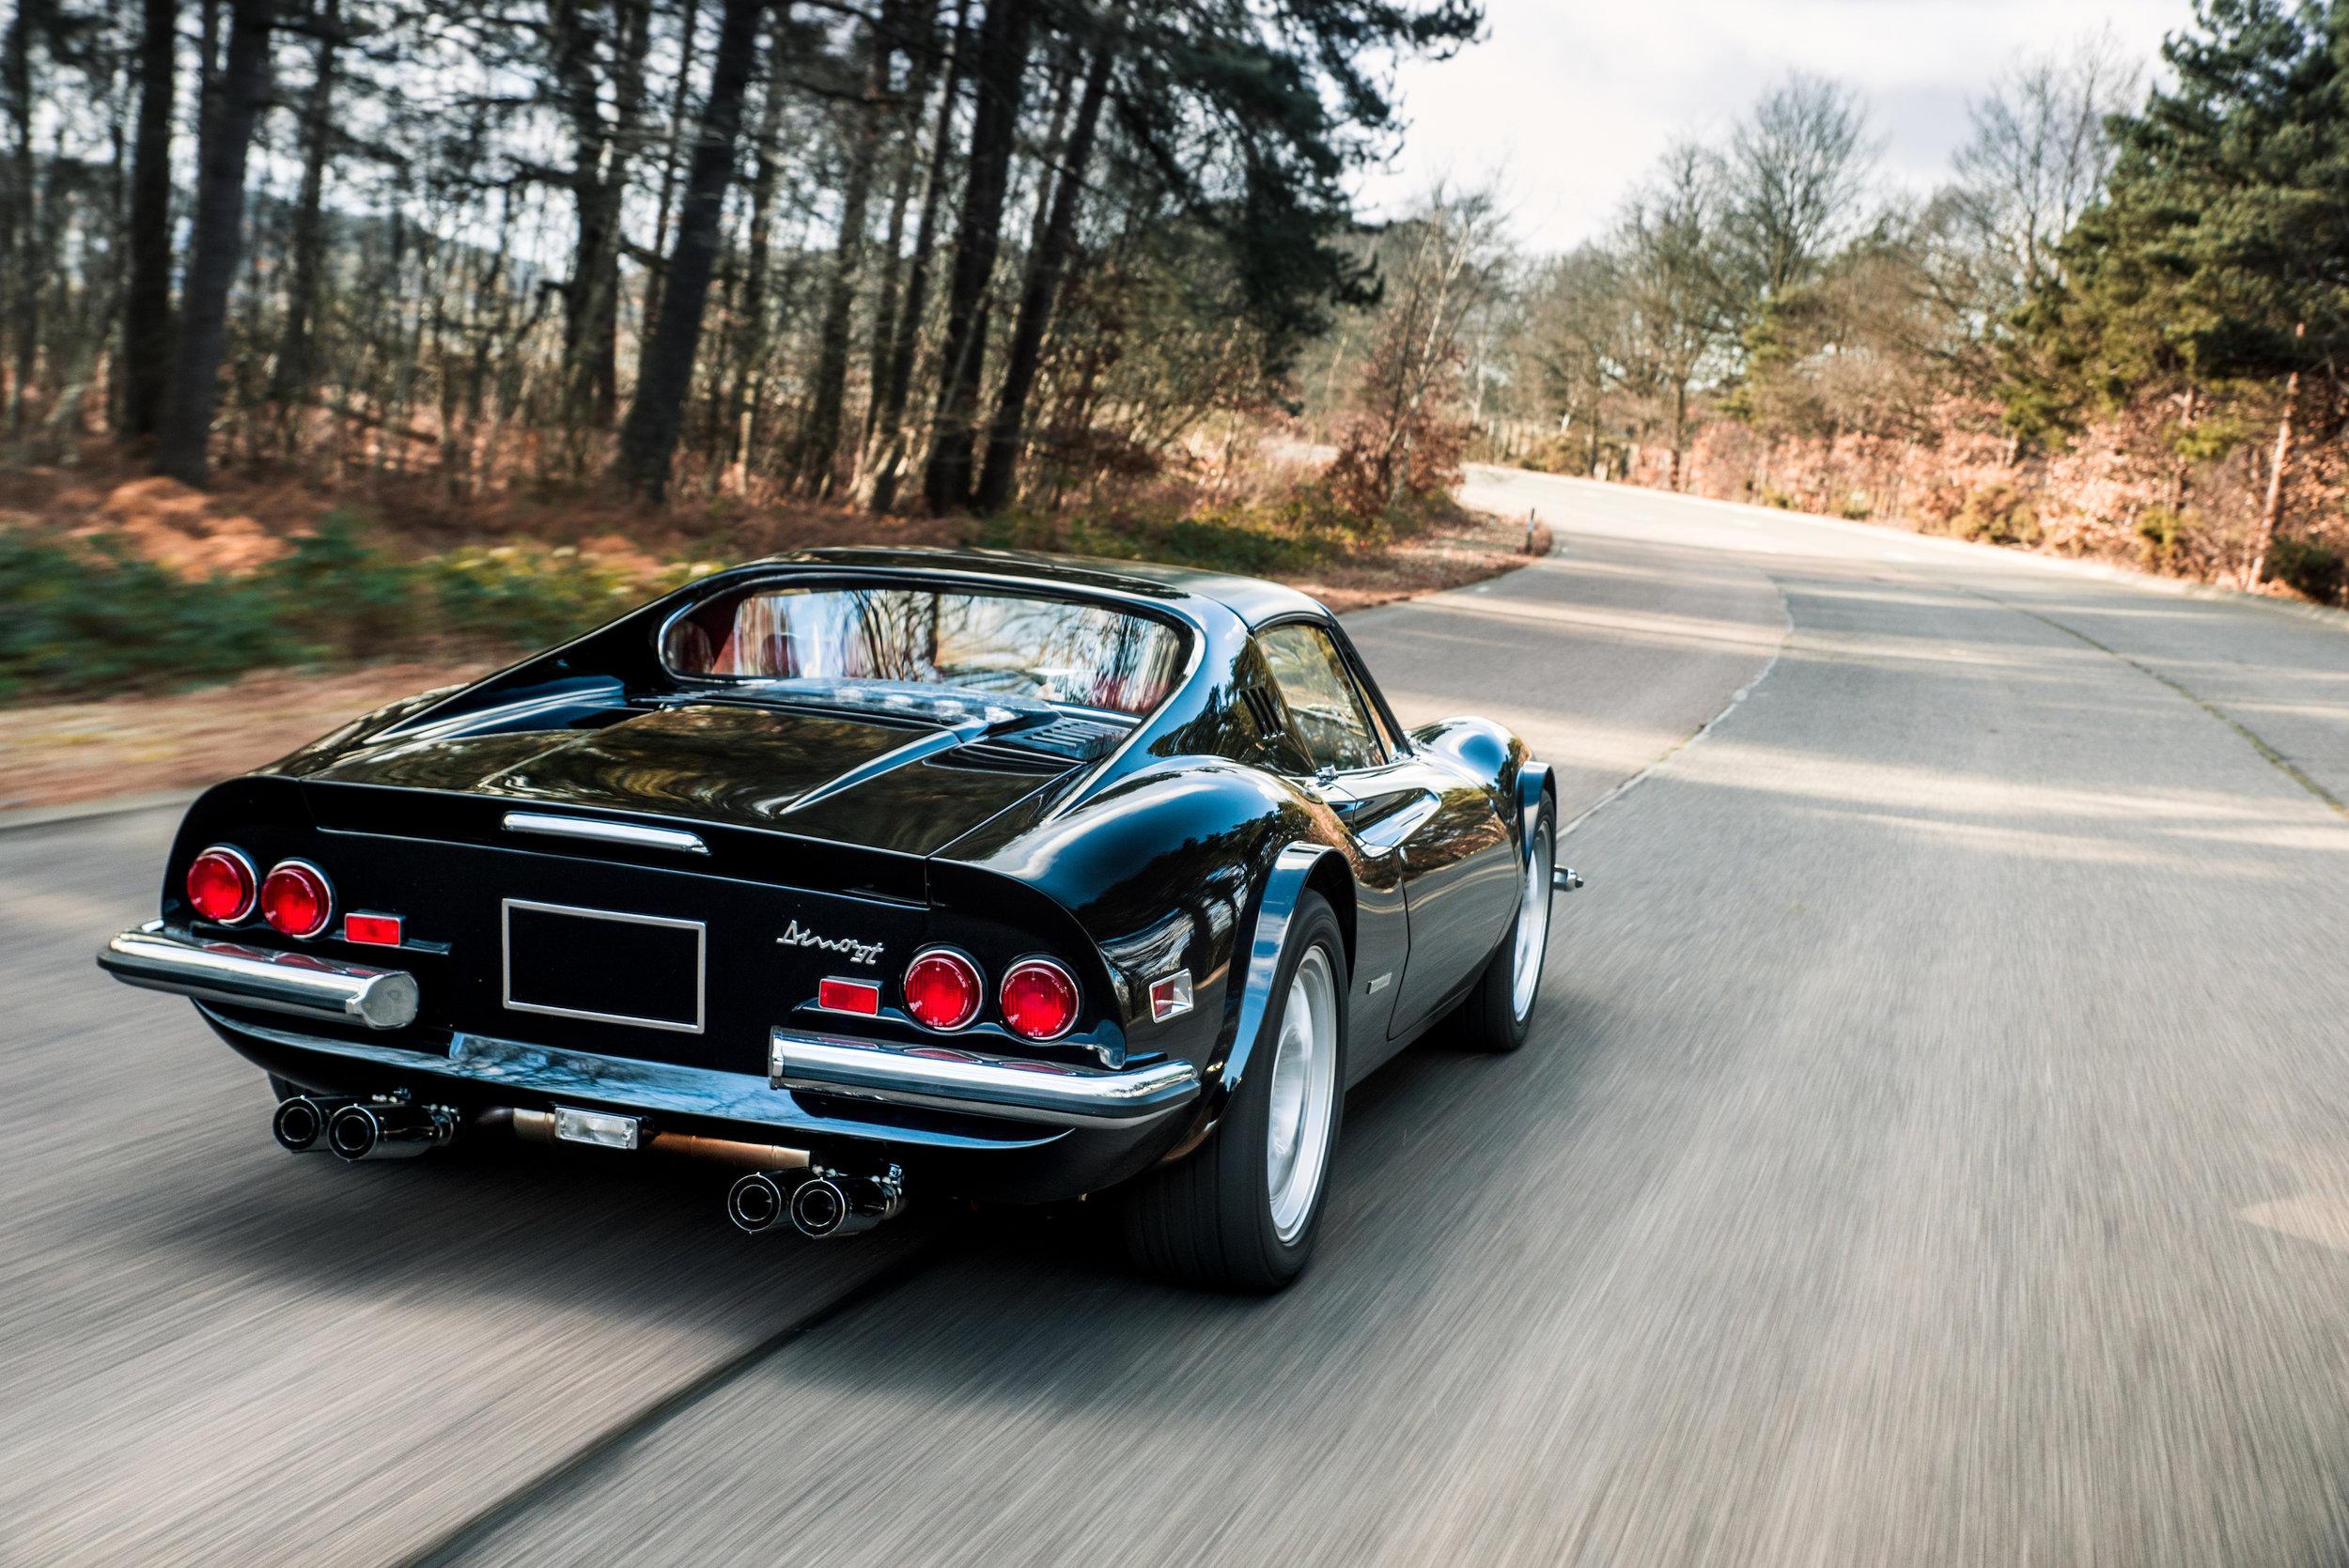 Dino 21 Moving rear Rear .jpg